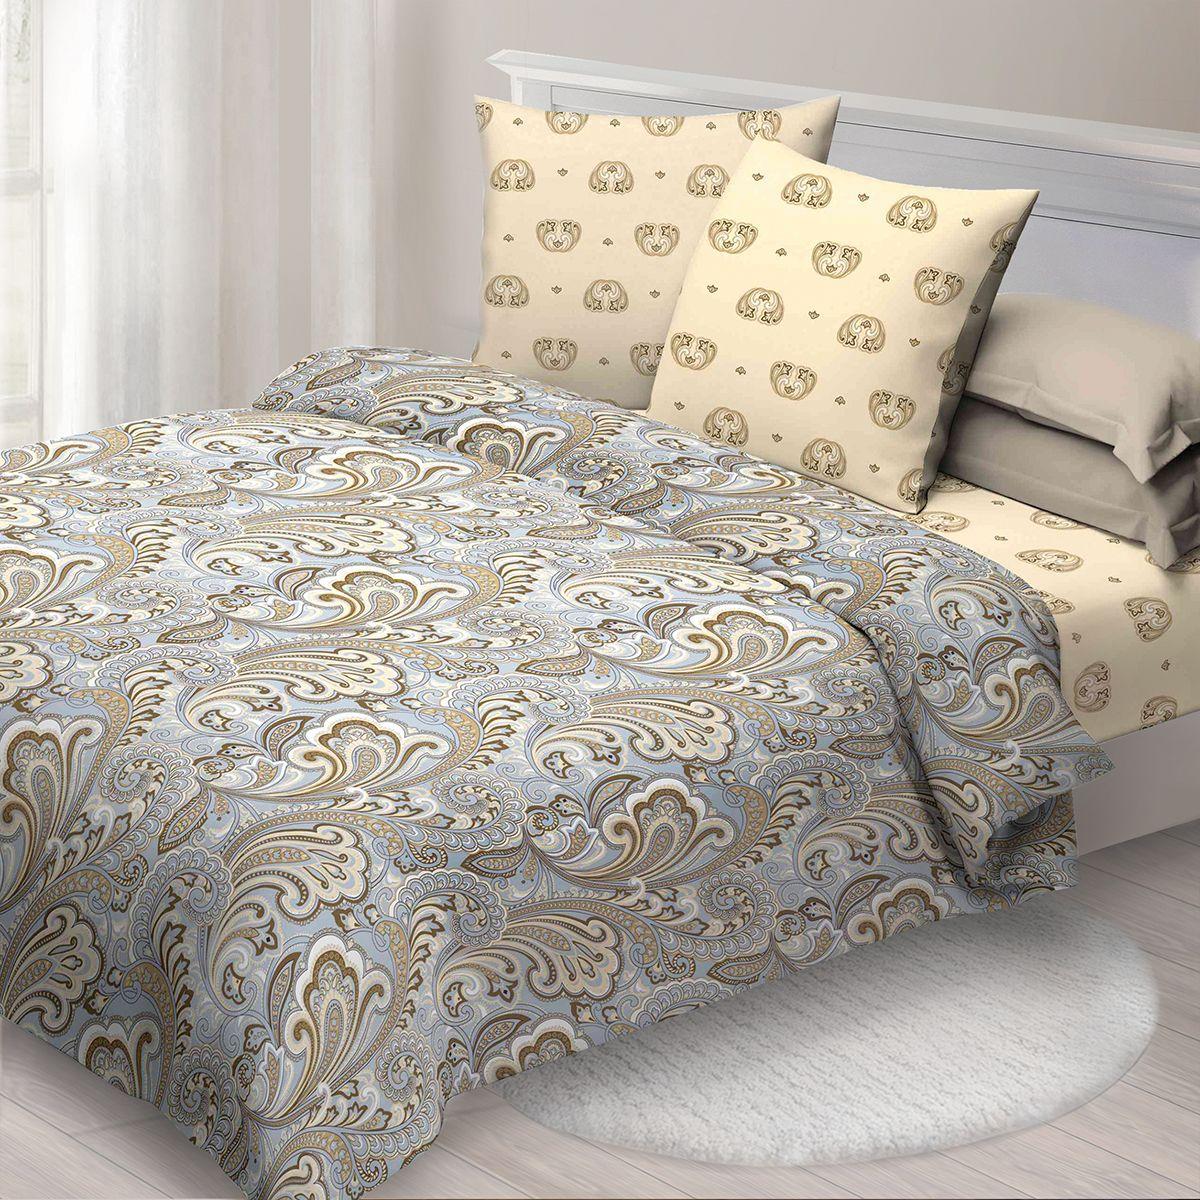 Комплект белья Спал Спалыч Тамилла, семейный, наволочки 70x70, цвет: голубой. 3907-182481